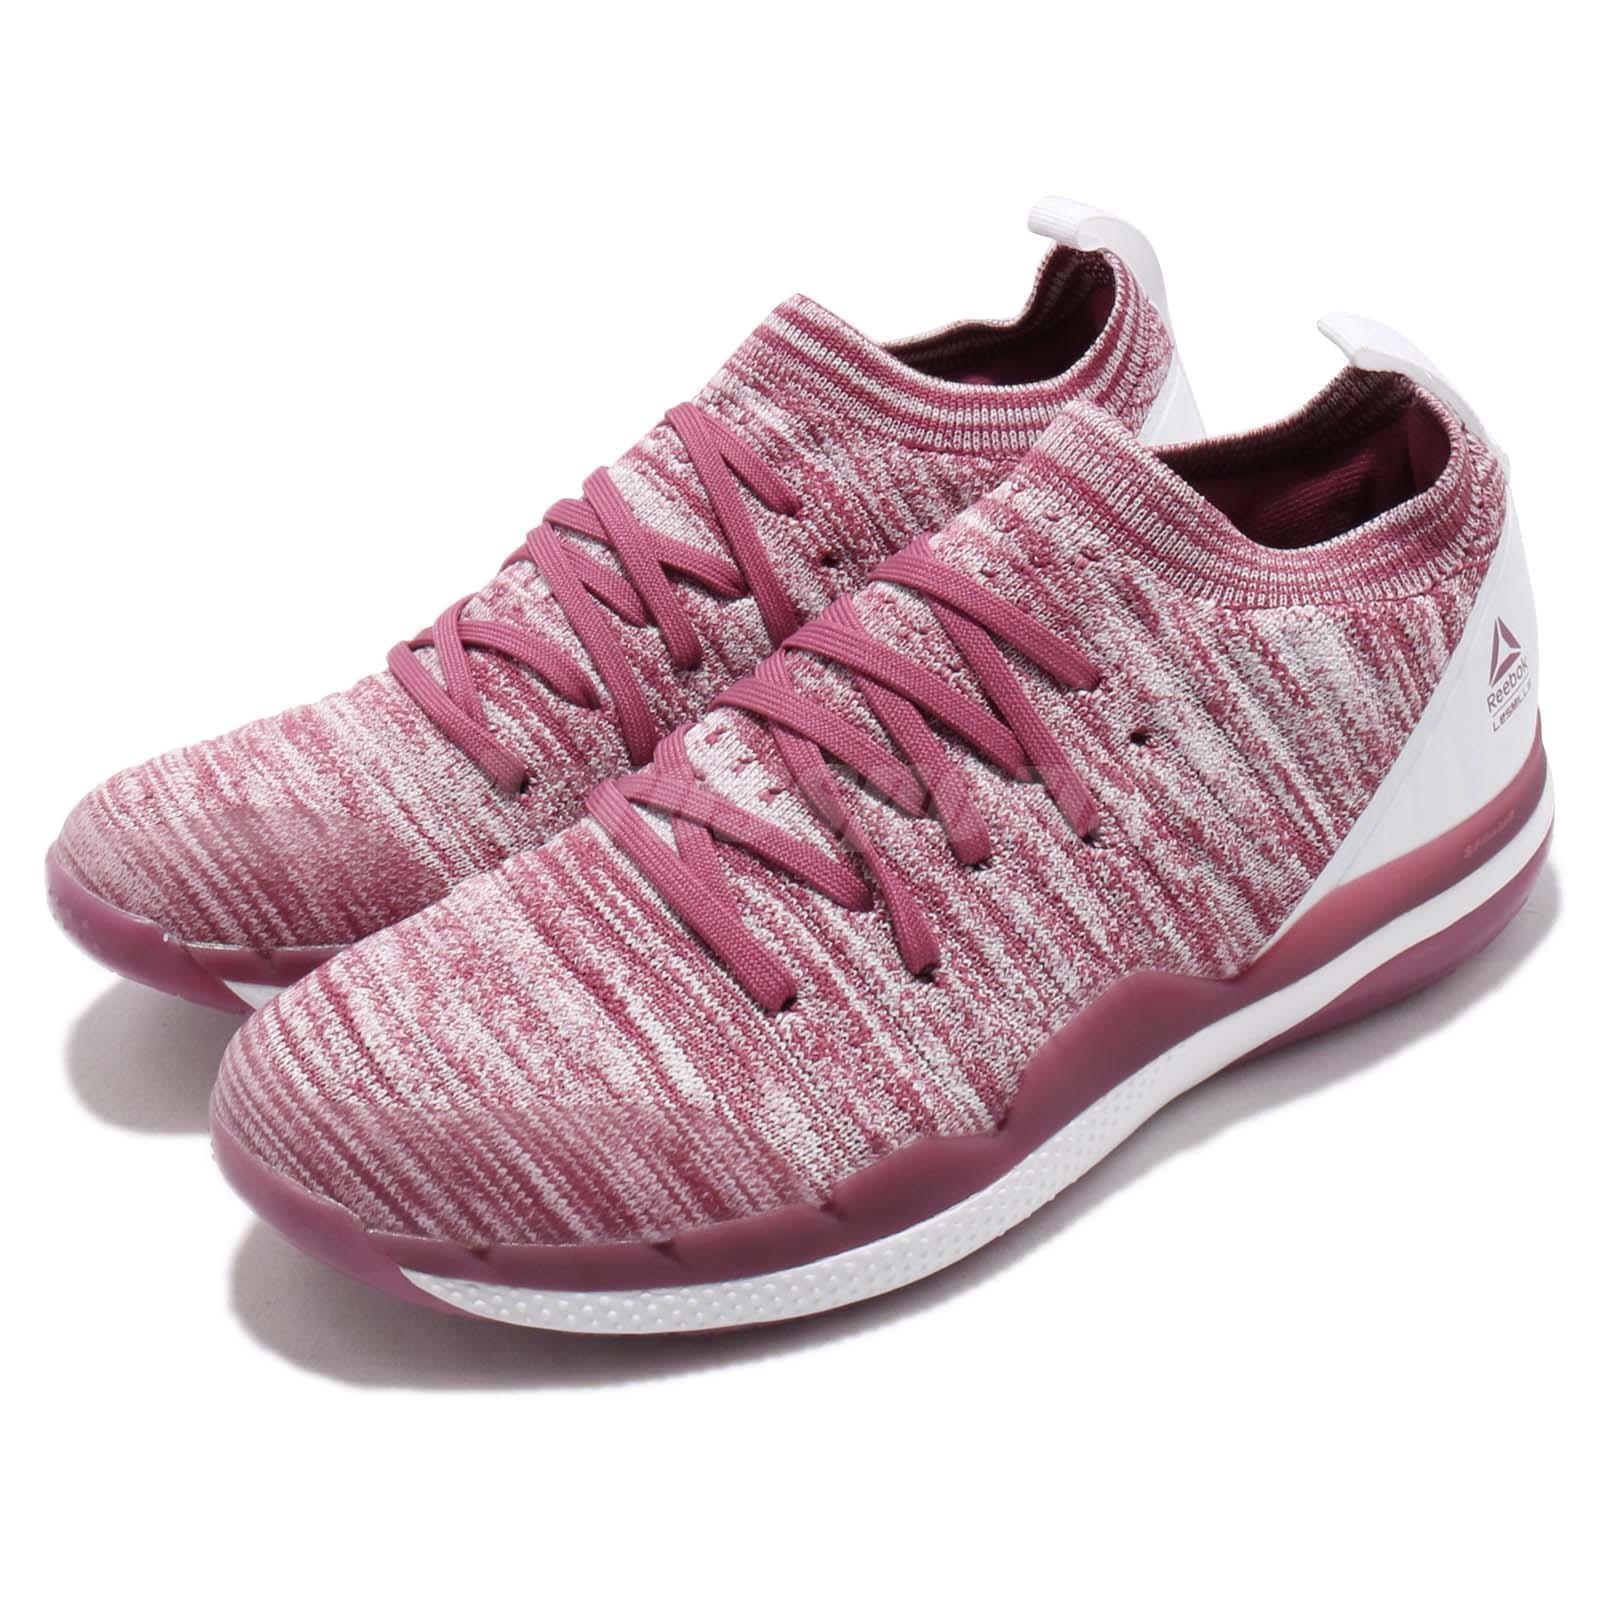 Reebok ULTRA circuito TR ultk LM Trenzado Berry Mujer Zapatos de entrenamiento cruzado CN6343